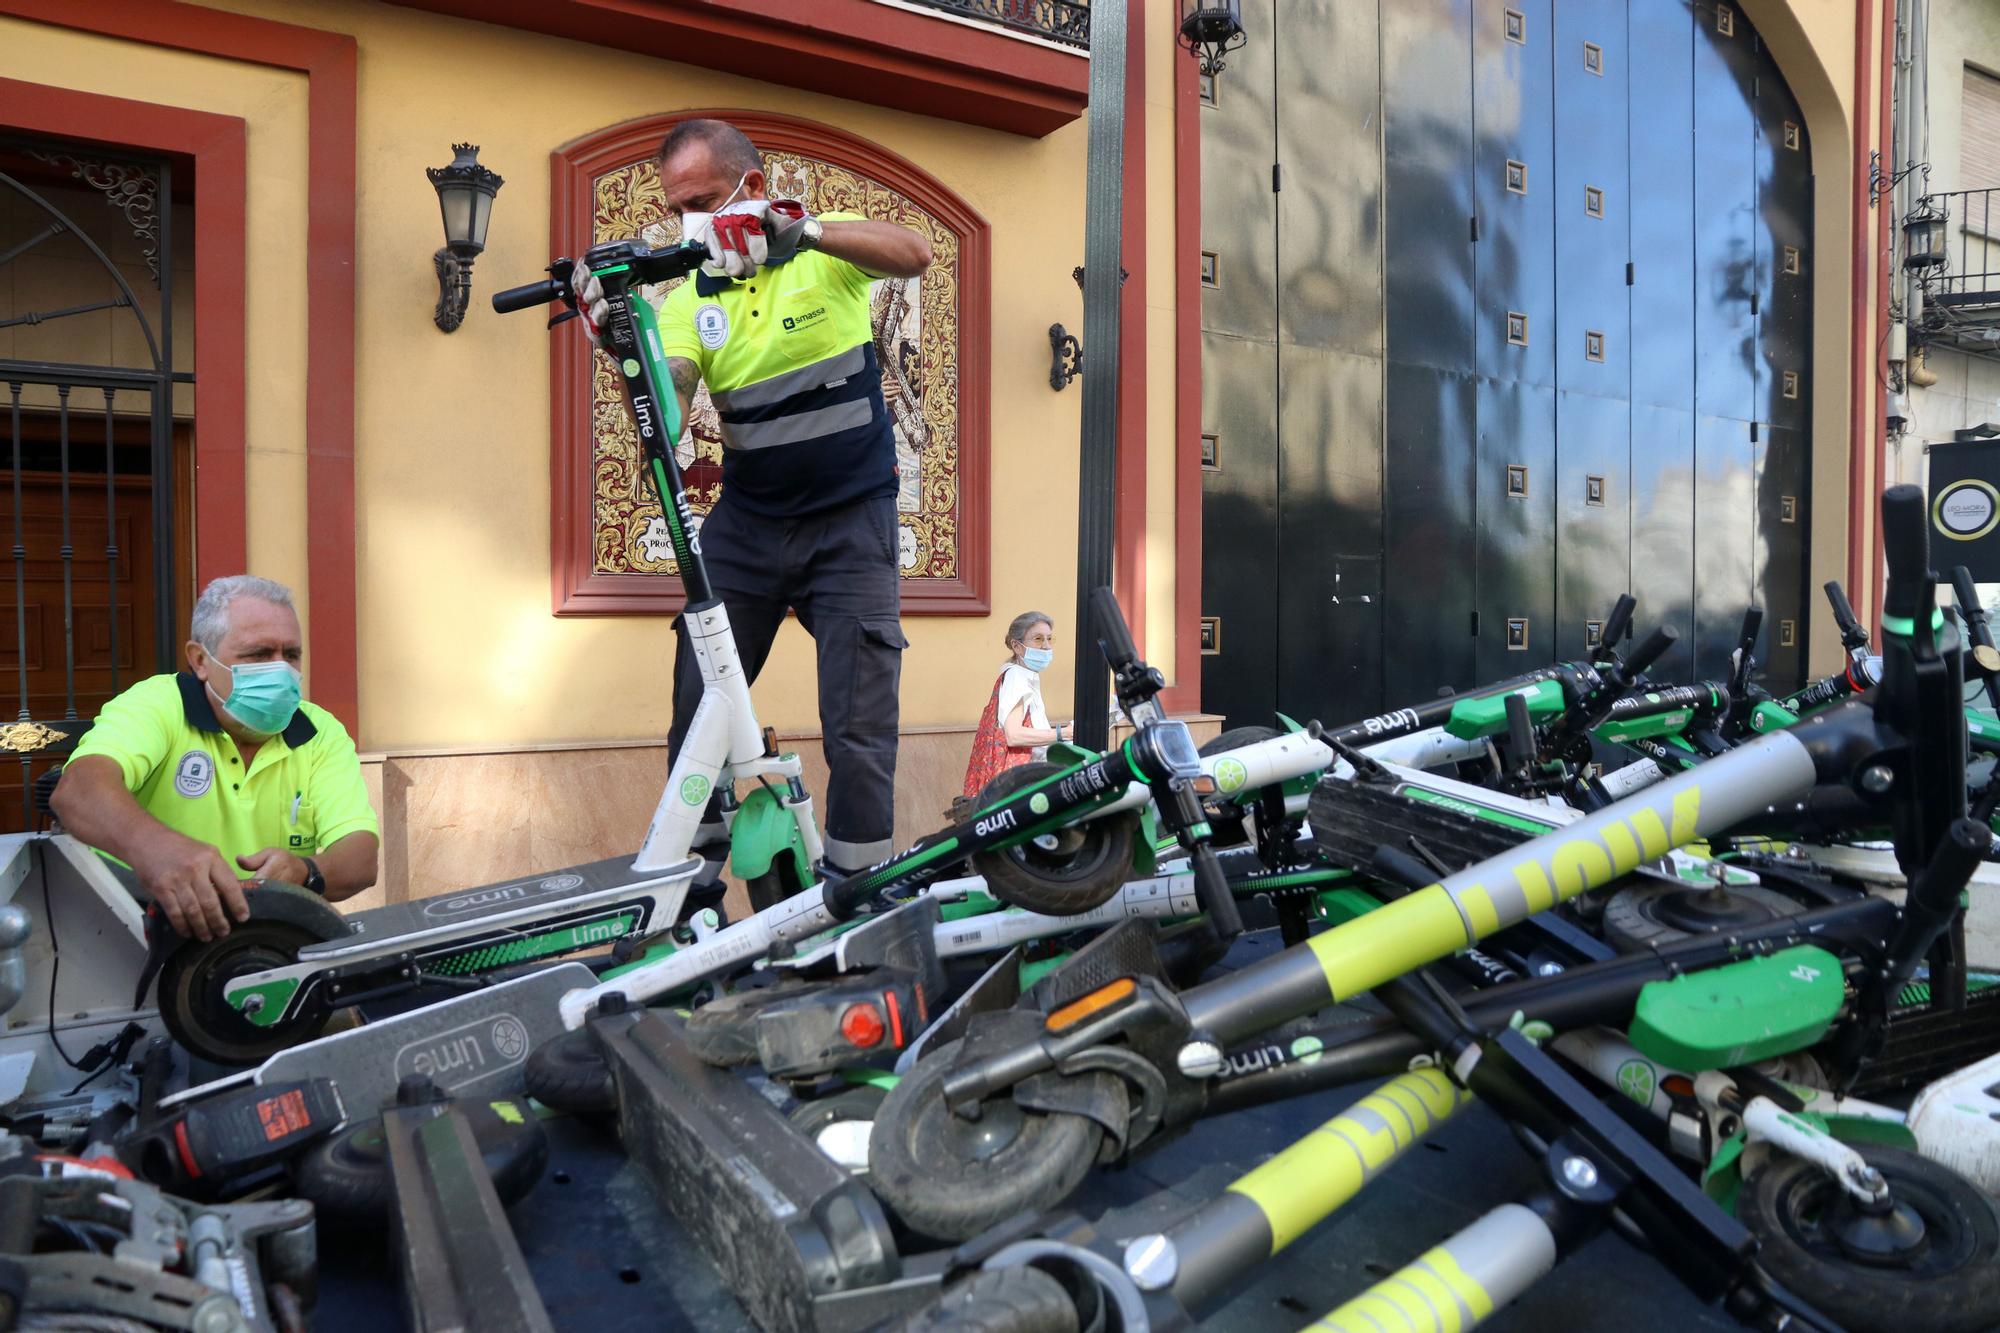 La grúa de Málaga ya se lleva los patinetes y bicicletas mal aparcados